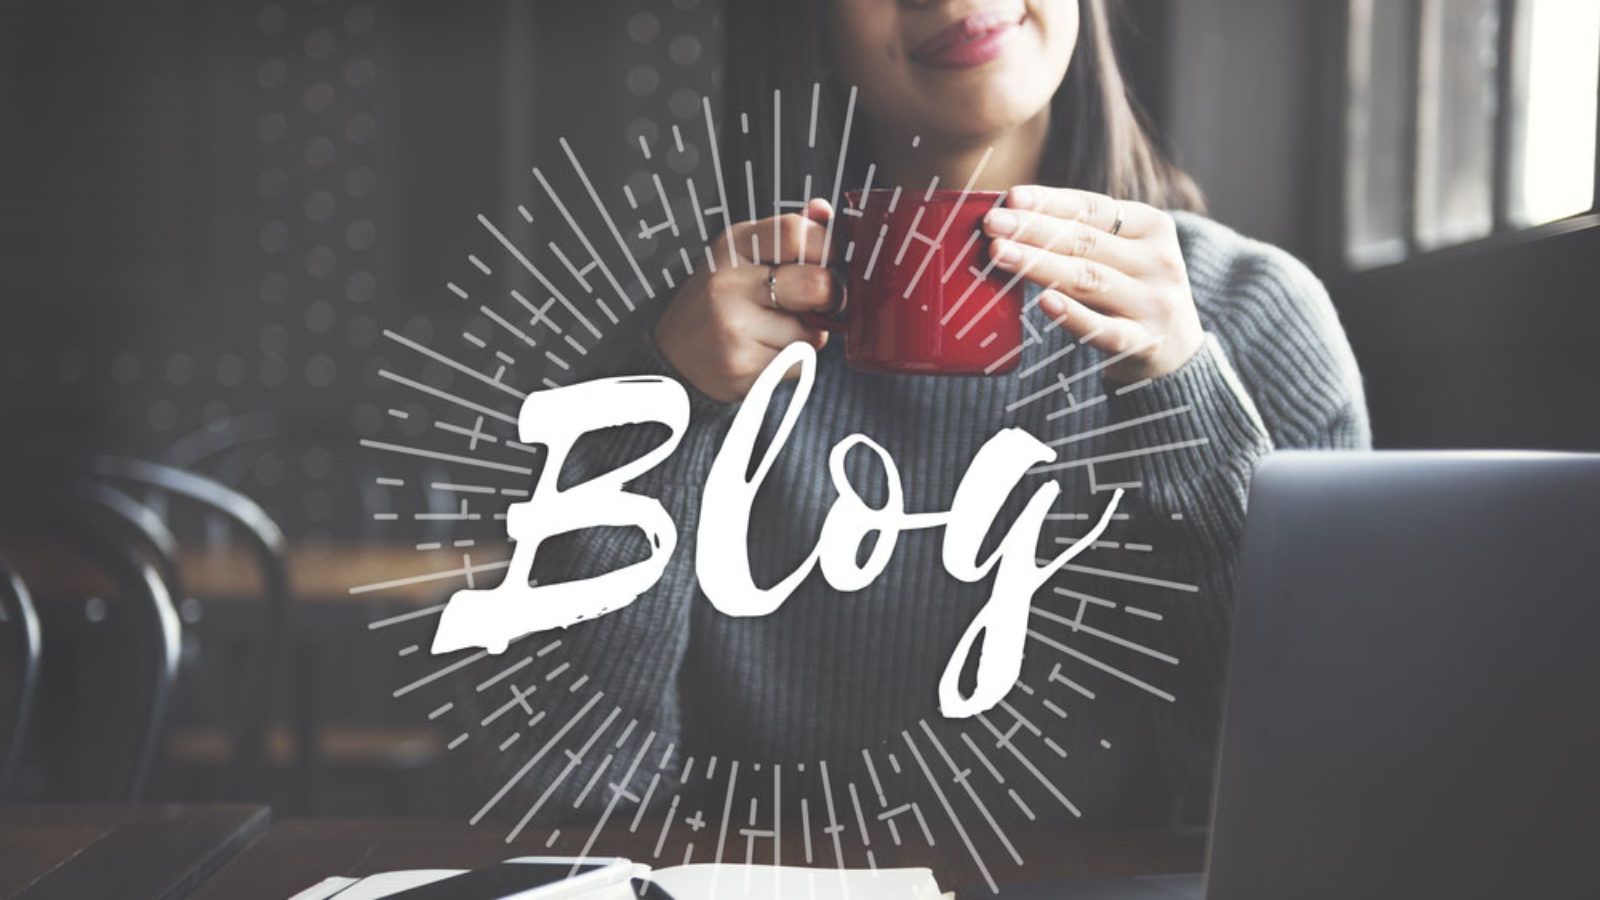 音楽教室のブログ、書いてますか?ブログにはメリットあり【集客できる】